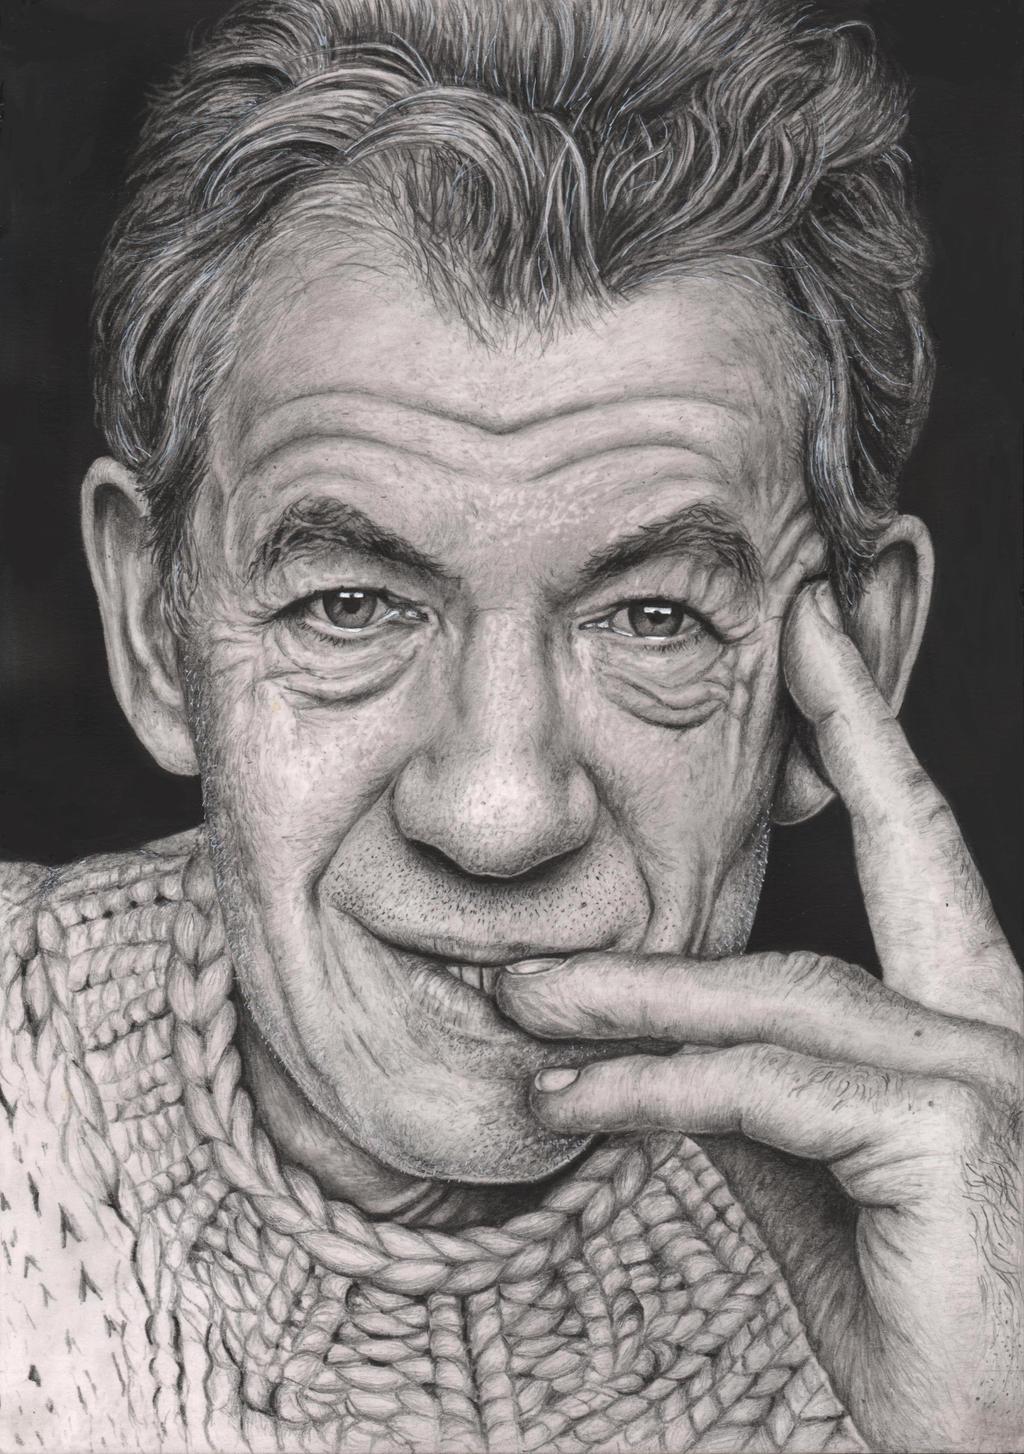 Portreti .. - Page 2 _ian_mckellen__graphite_portrait_by_pen_tacular_artist-d63vasf